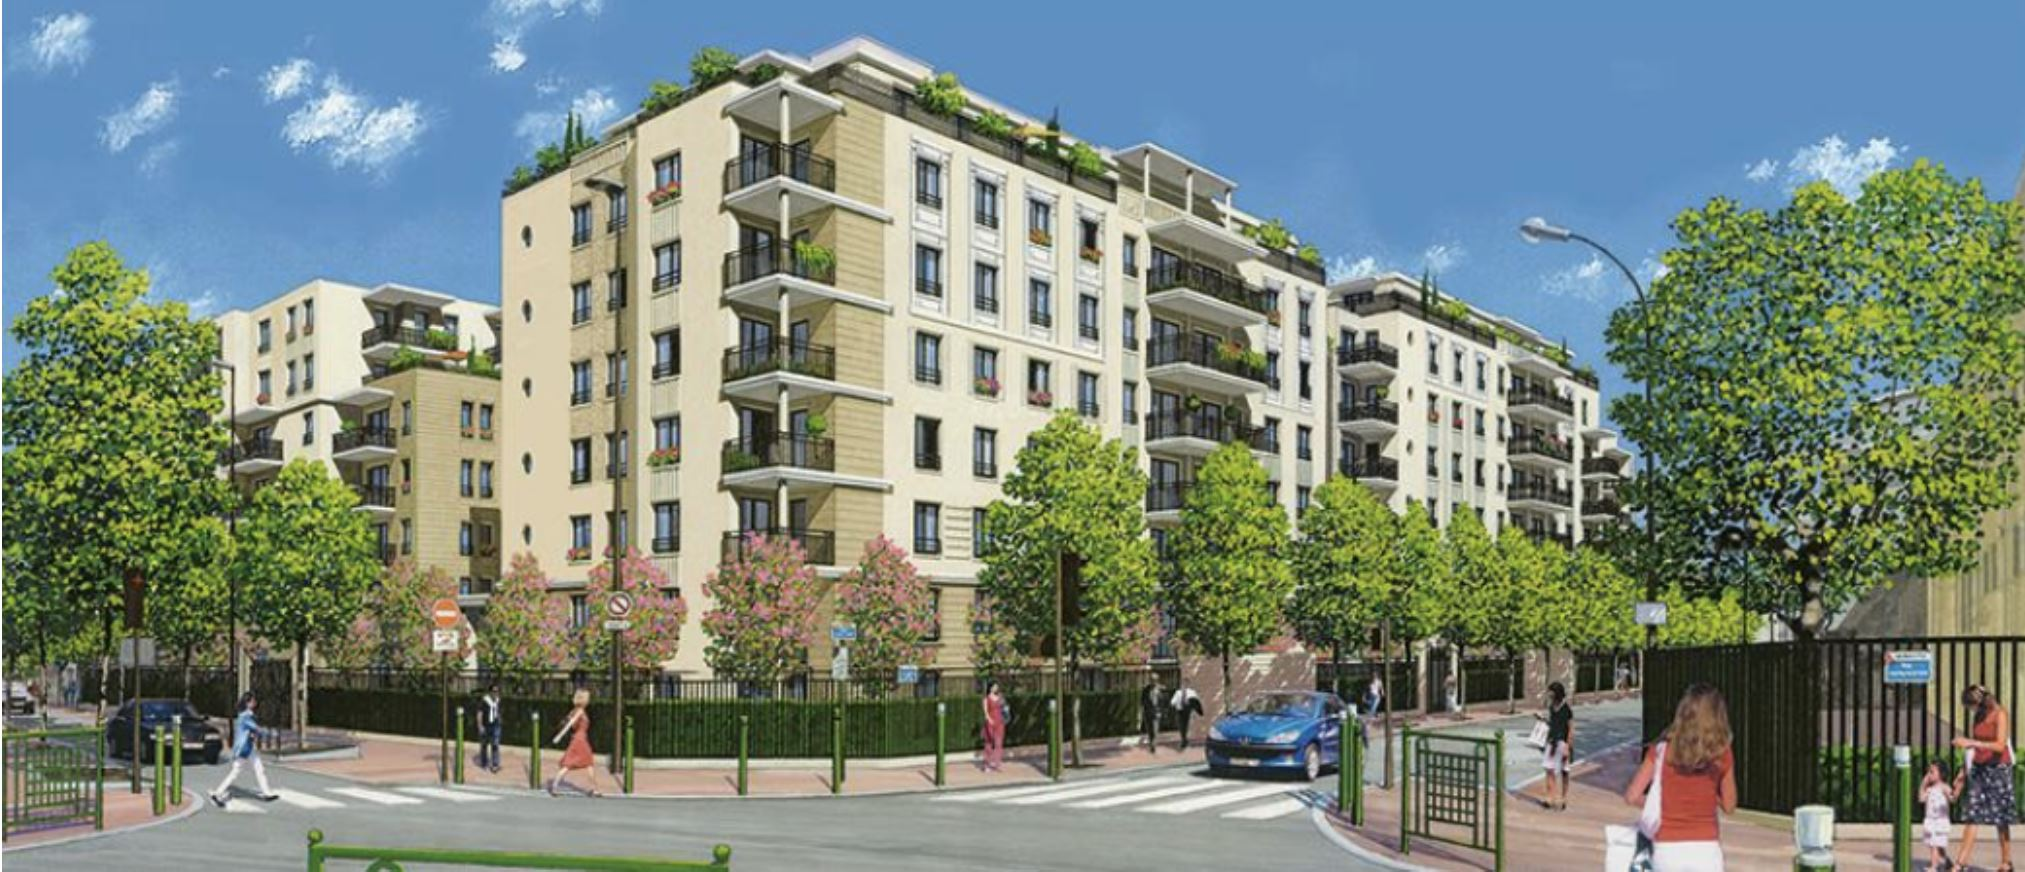 Ouverture d'une nouvelle résidence avec services à Suresnes : Terre de Seine